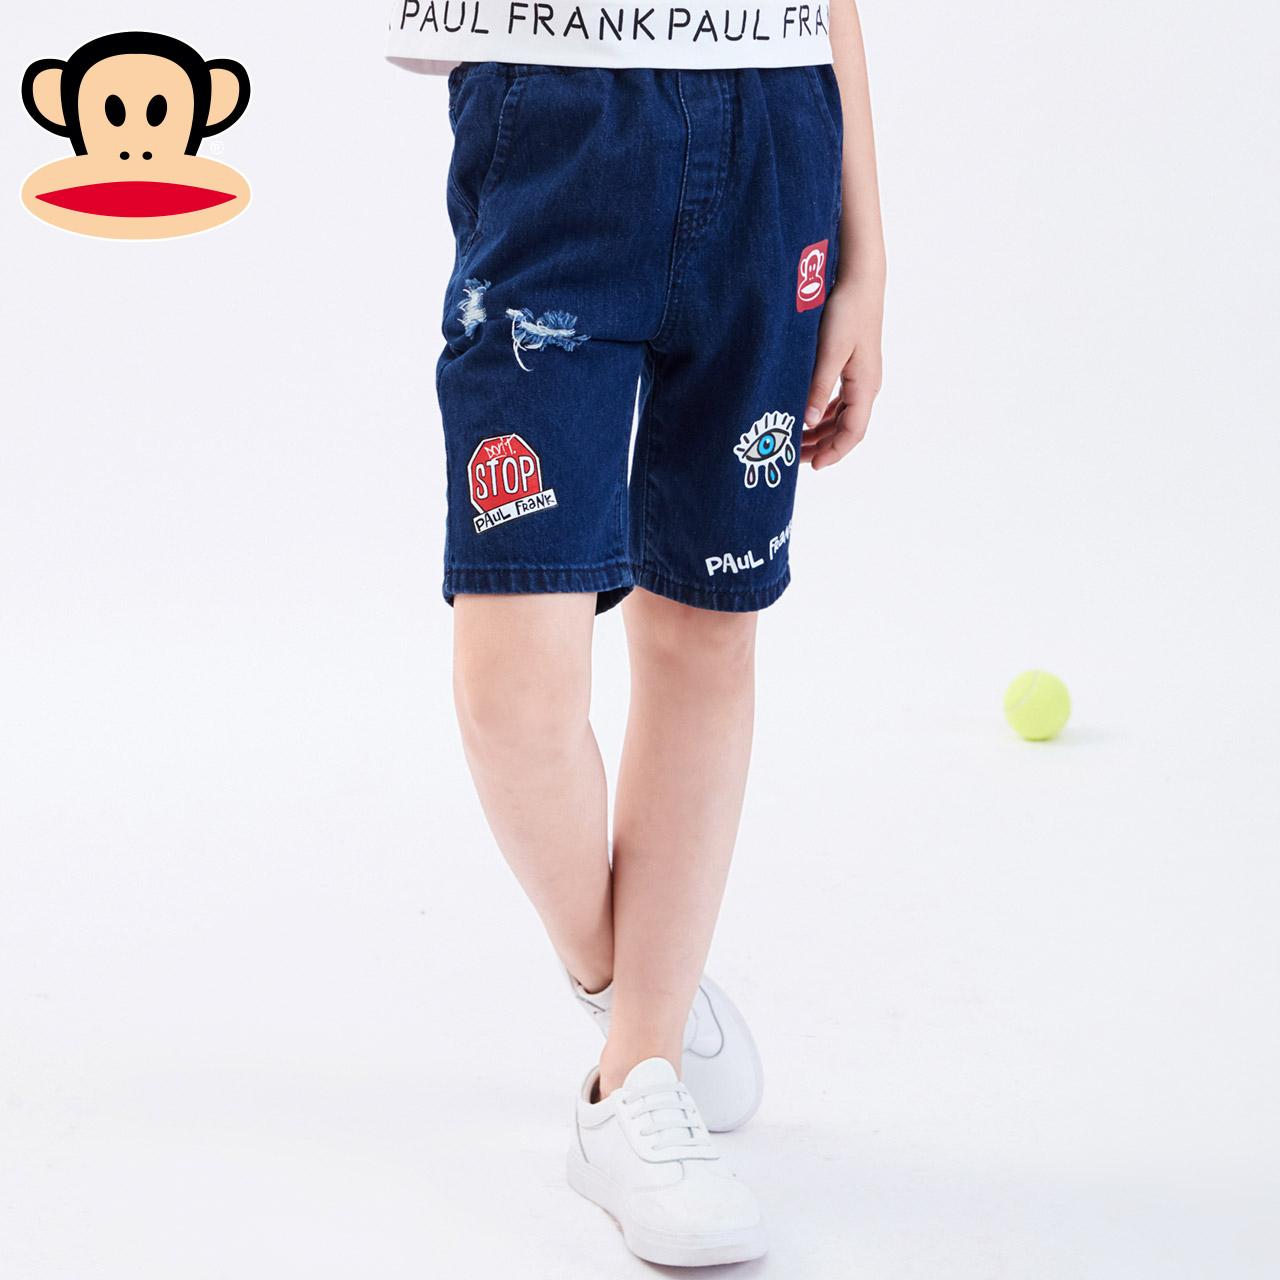 qc 大嘴猴童装女童牛仔裤夏装短裤薄款韩版中大童五分裤女孩中裤